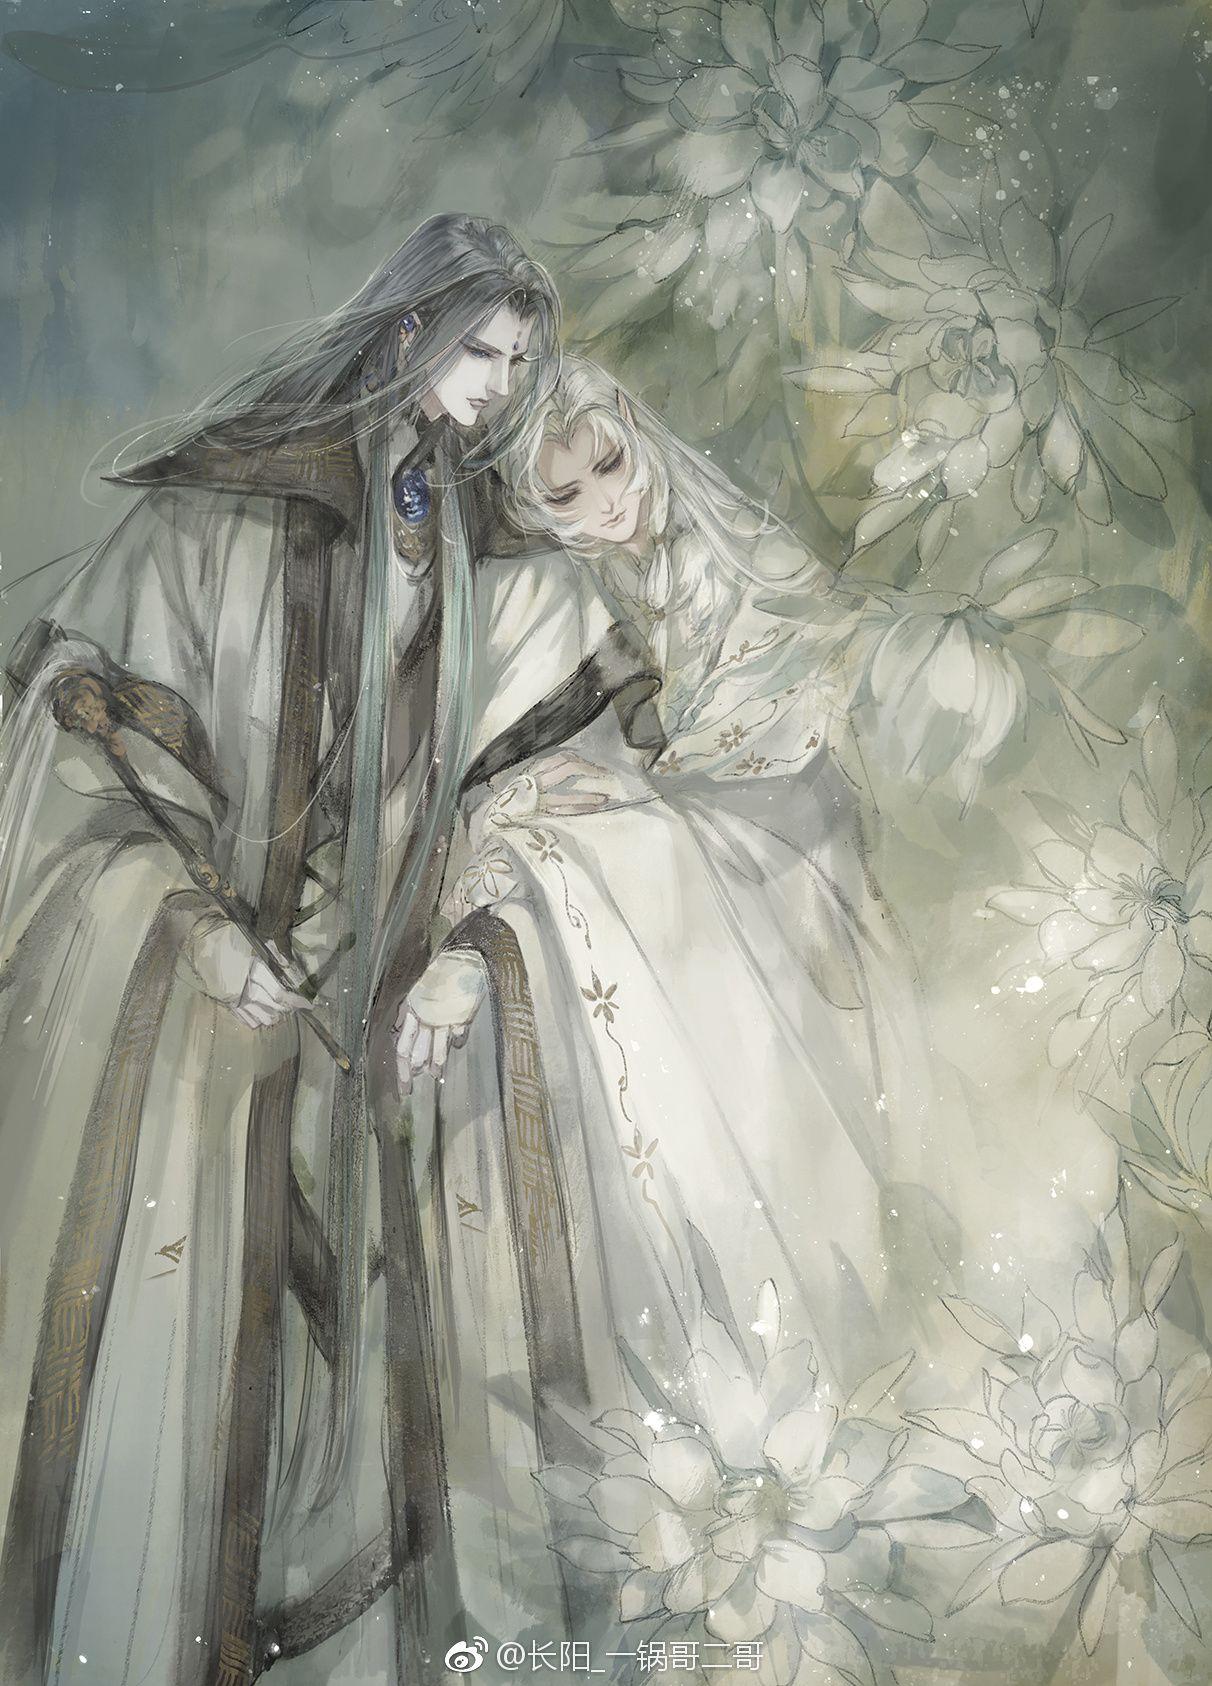 Ghim của è©éº é± trên 人物設計設定 Minh họa manga, Hình ảnh, Anime